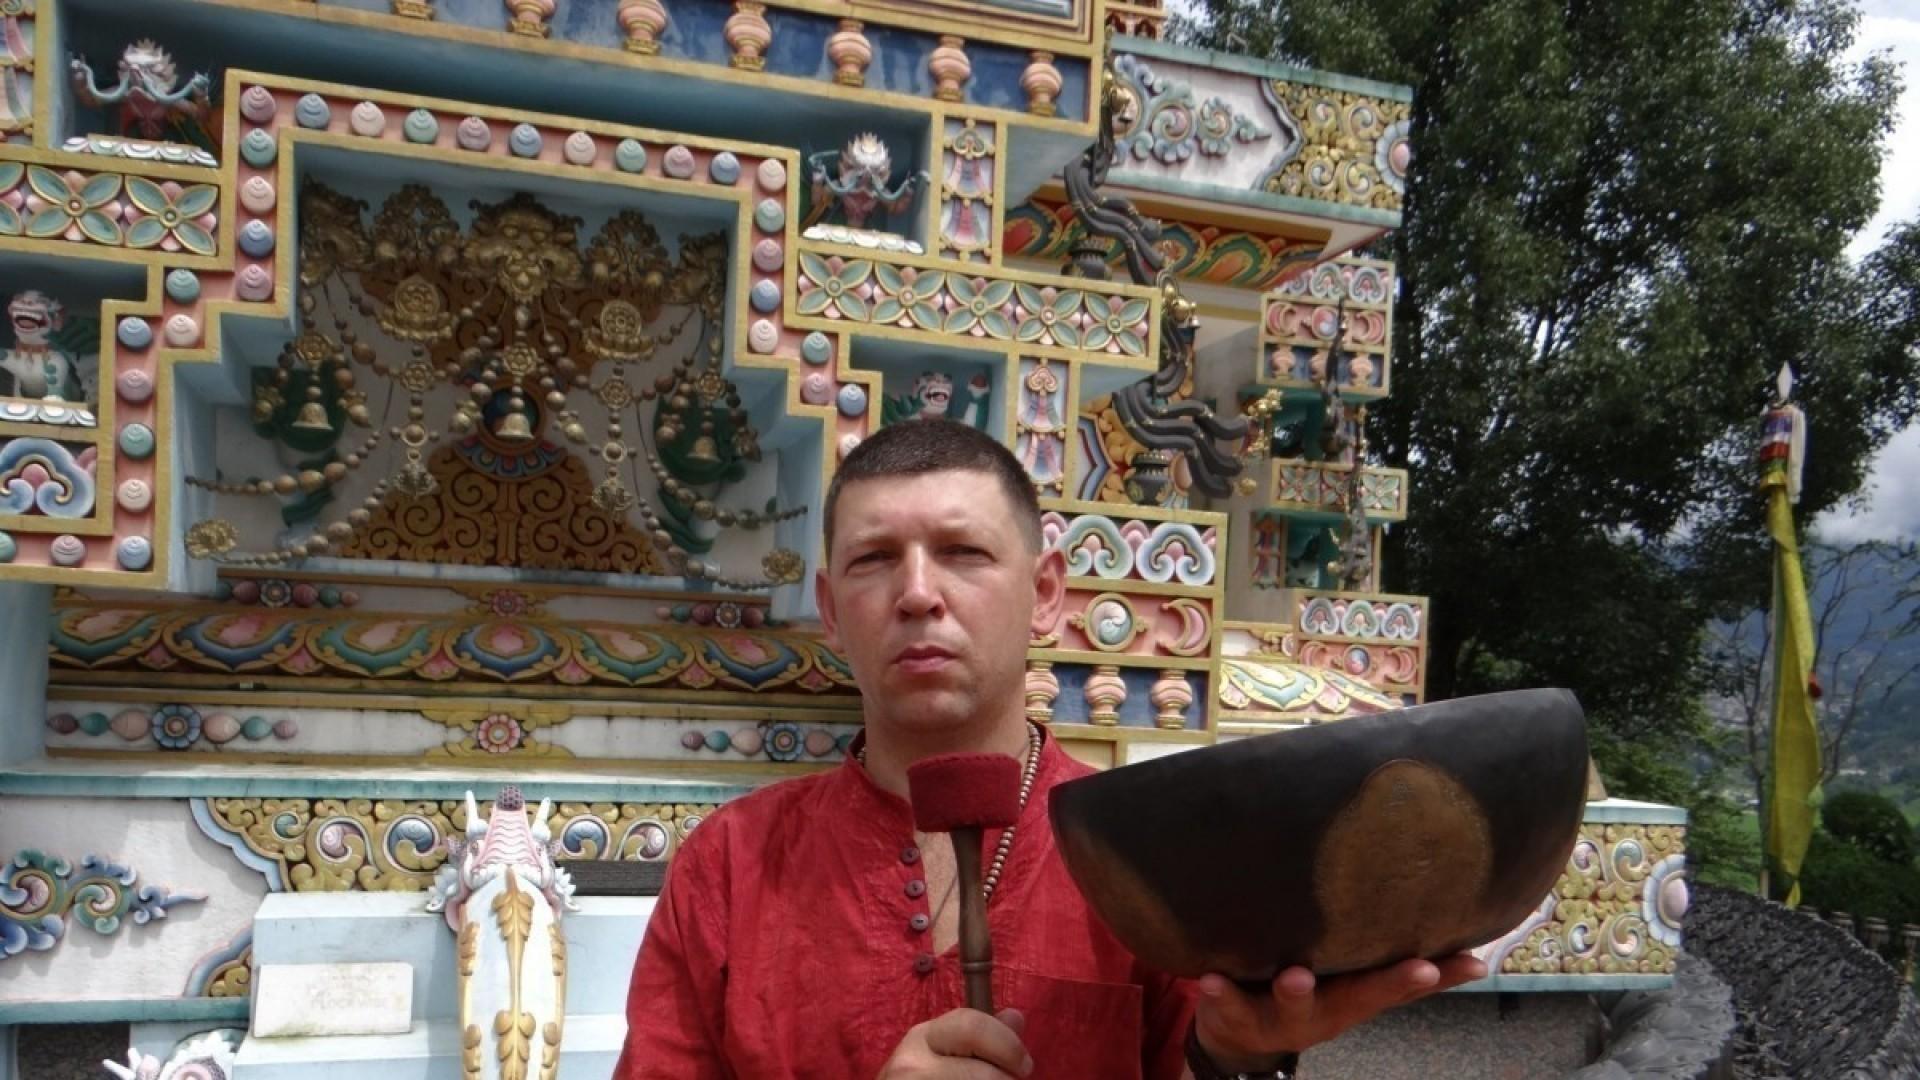 «Поющие чаши: вибрационно-акустическая терапия» — Базовый курс Виктора Сурикова в Новосибирске